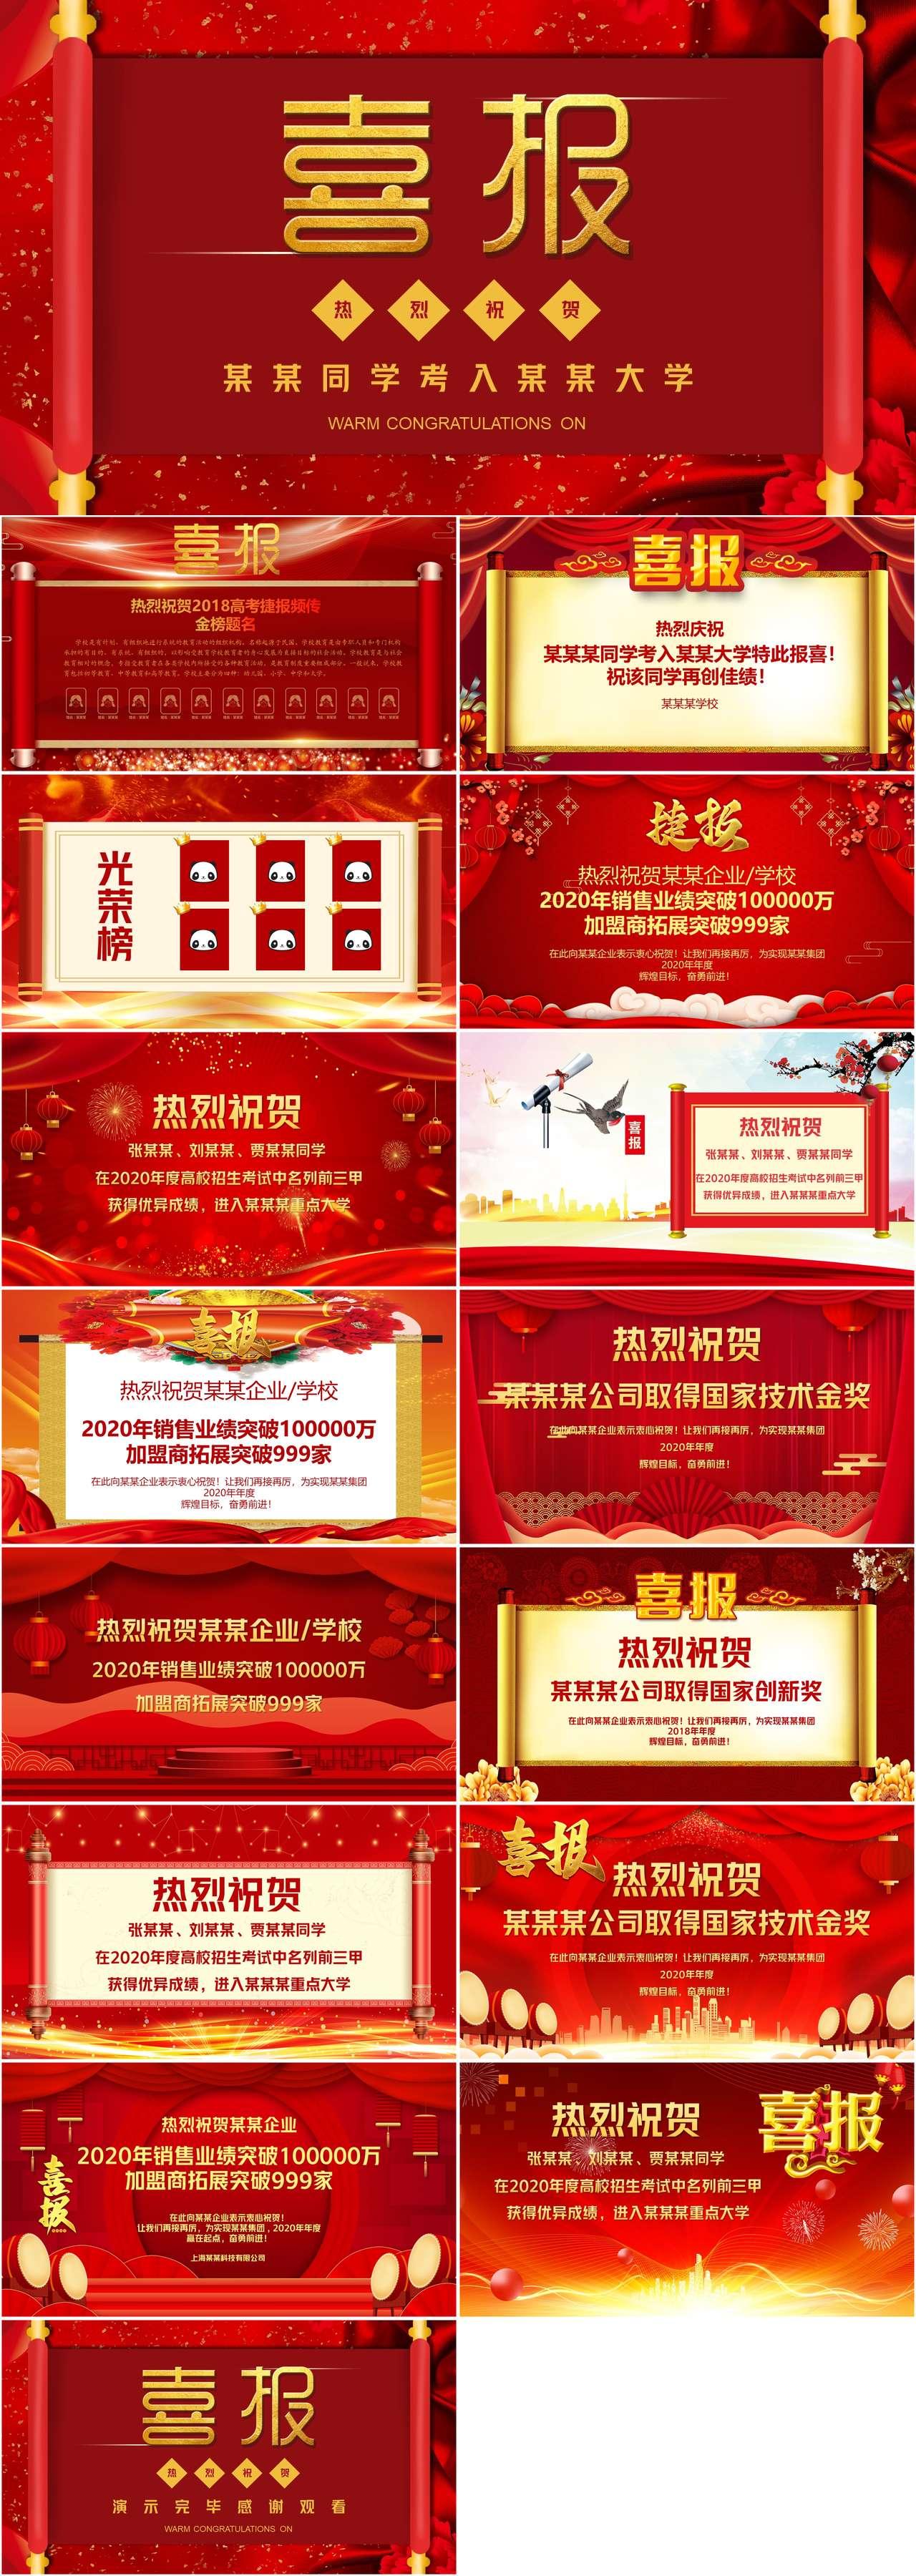 红色喜庆中国风高考企业喜报PPT模板插图1